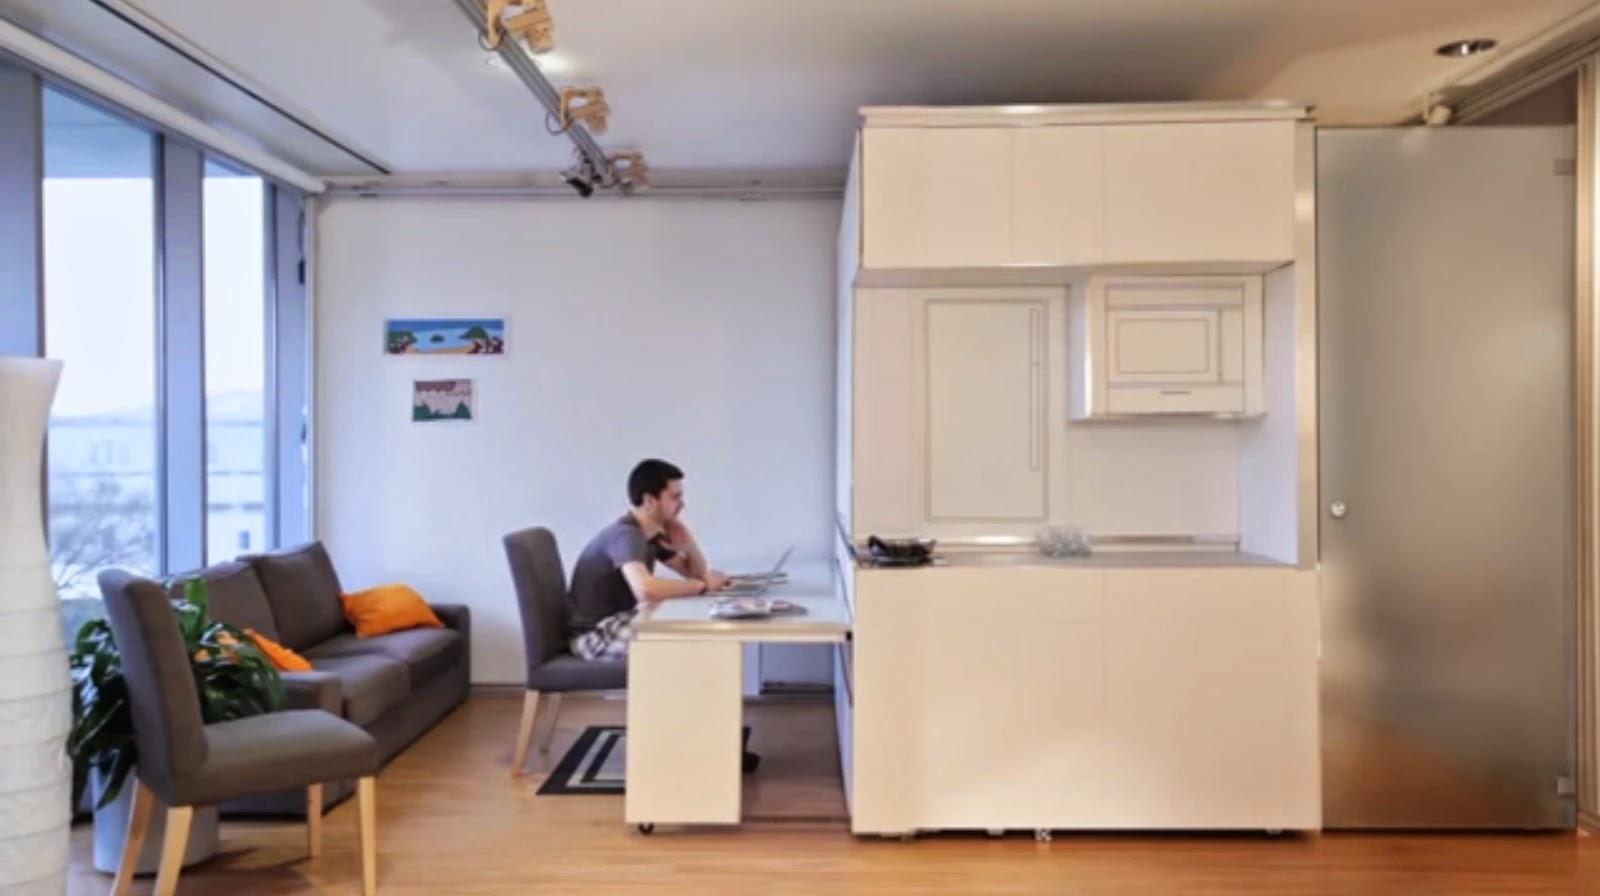 Schlafzimmer Und Bro in Einem Raum – menerima.info